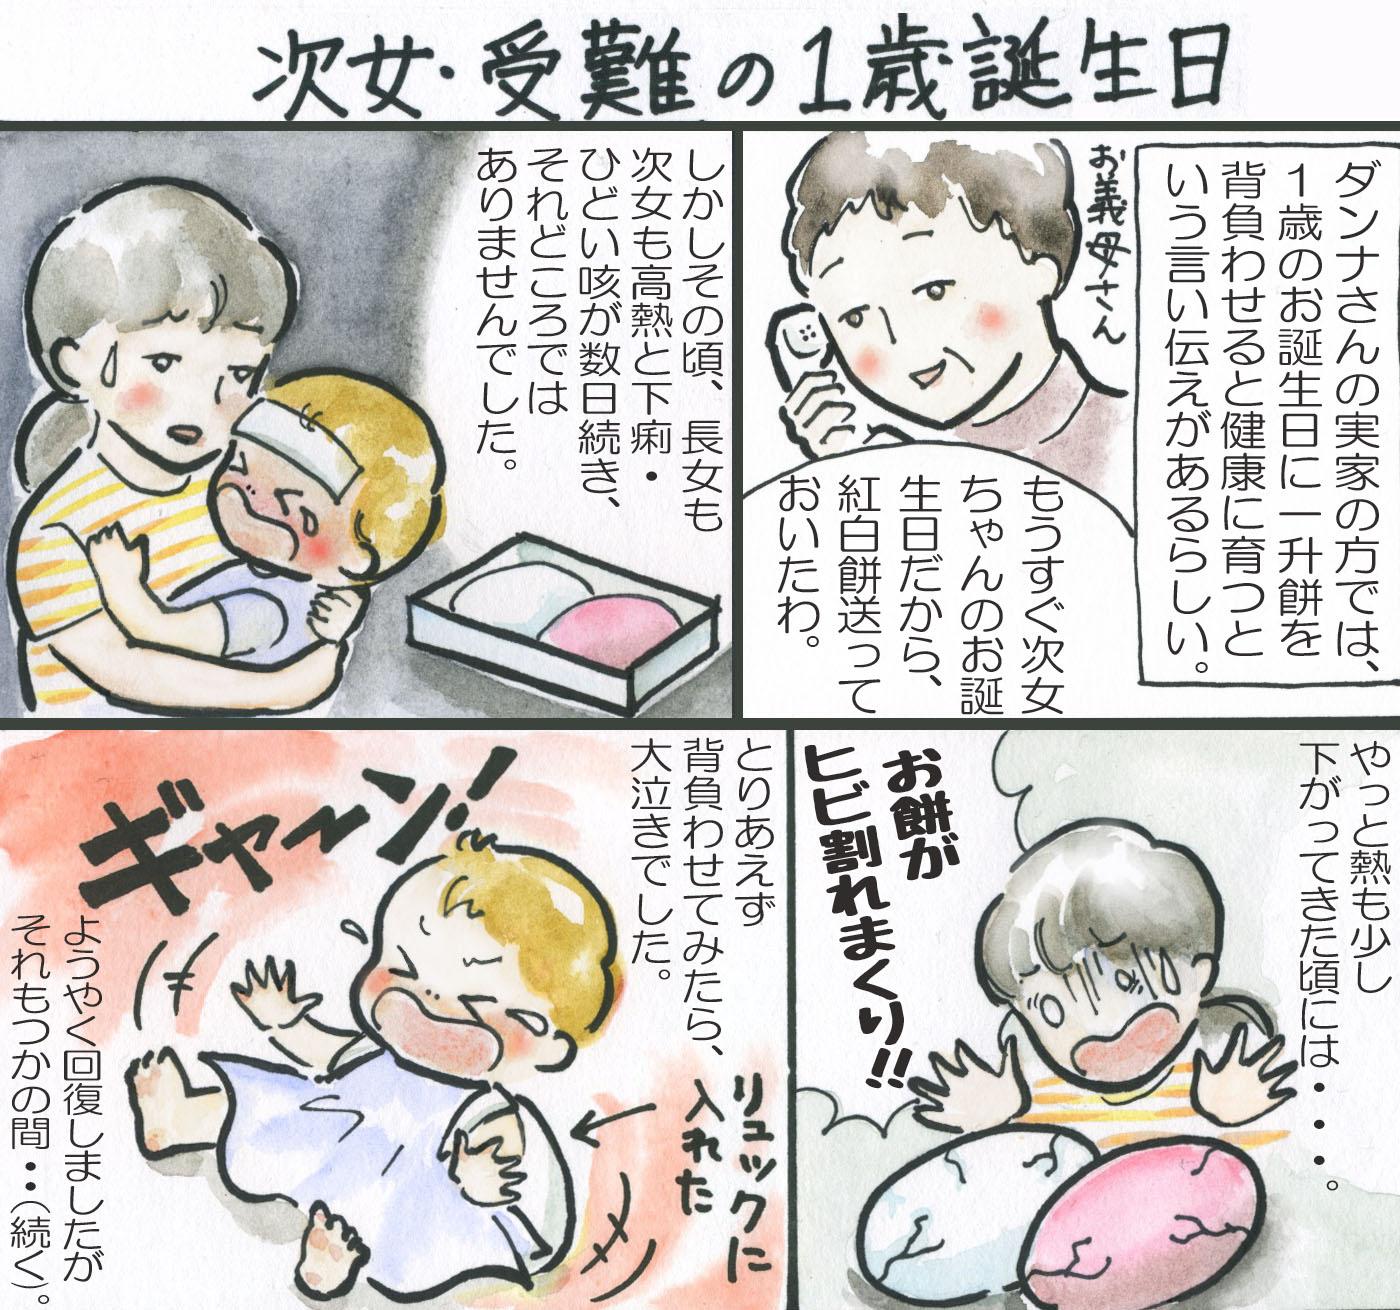 我が家の病気辞典 〜長女誕生から次女1歳誕生日〜